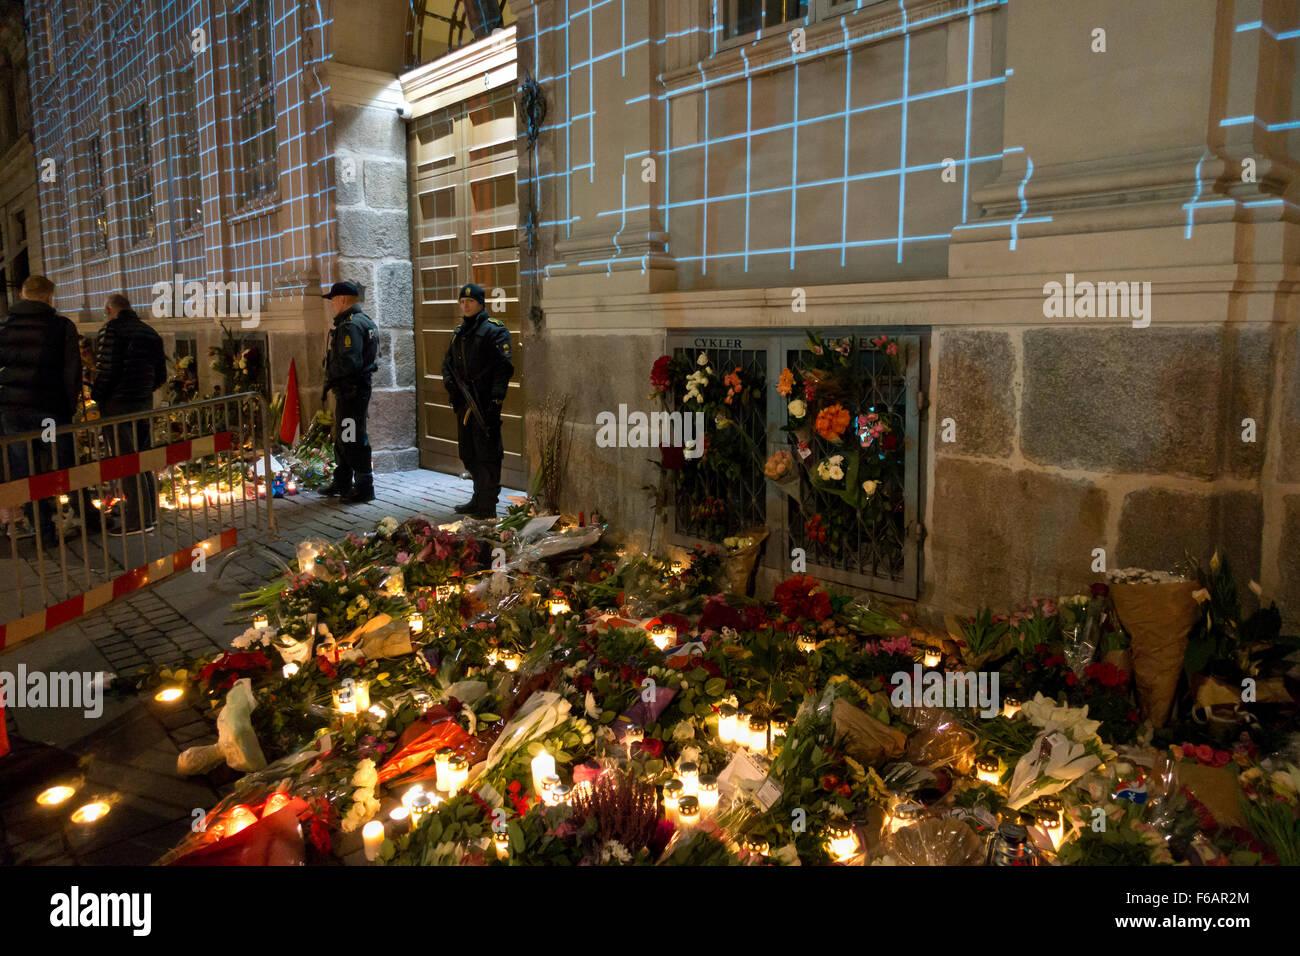 Copenhague, Dinamarca, 15 de noviembre de 2015. Miles de personas en Copenhague mostrar su solidaridad y simpatía Imagen De Stock